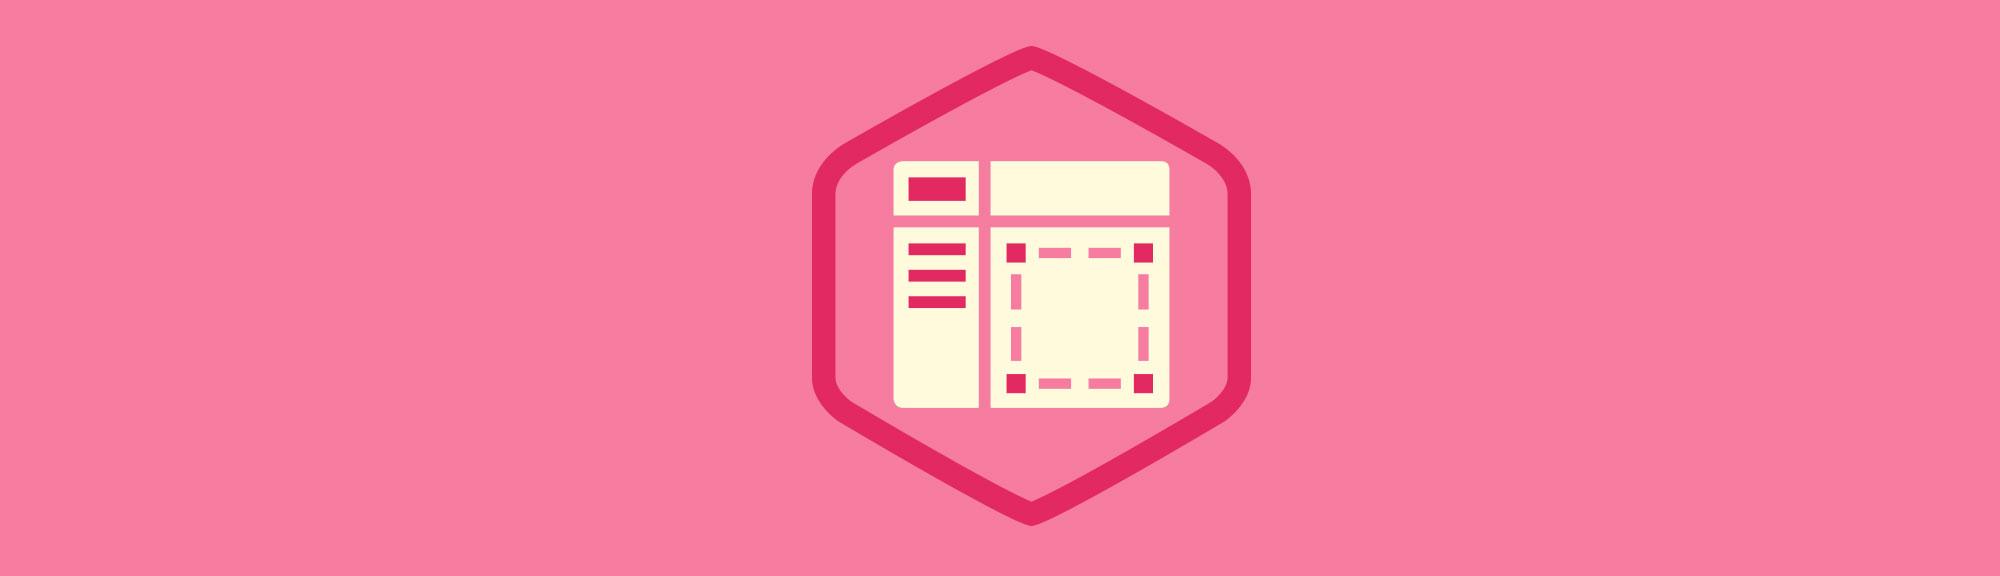 Как использовать секционные элементы HTML5